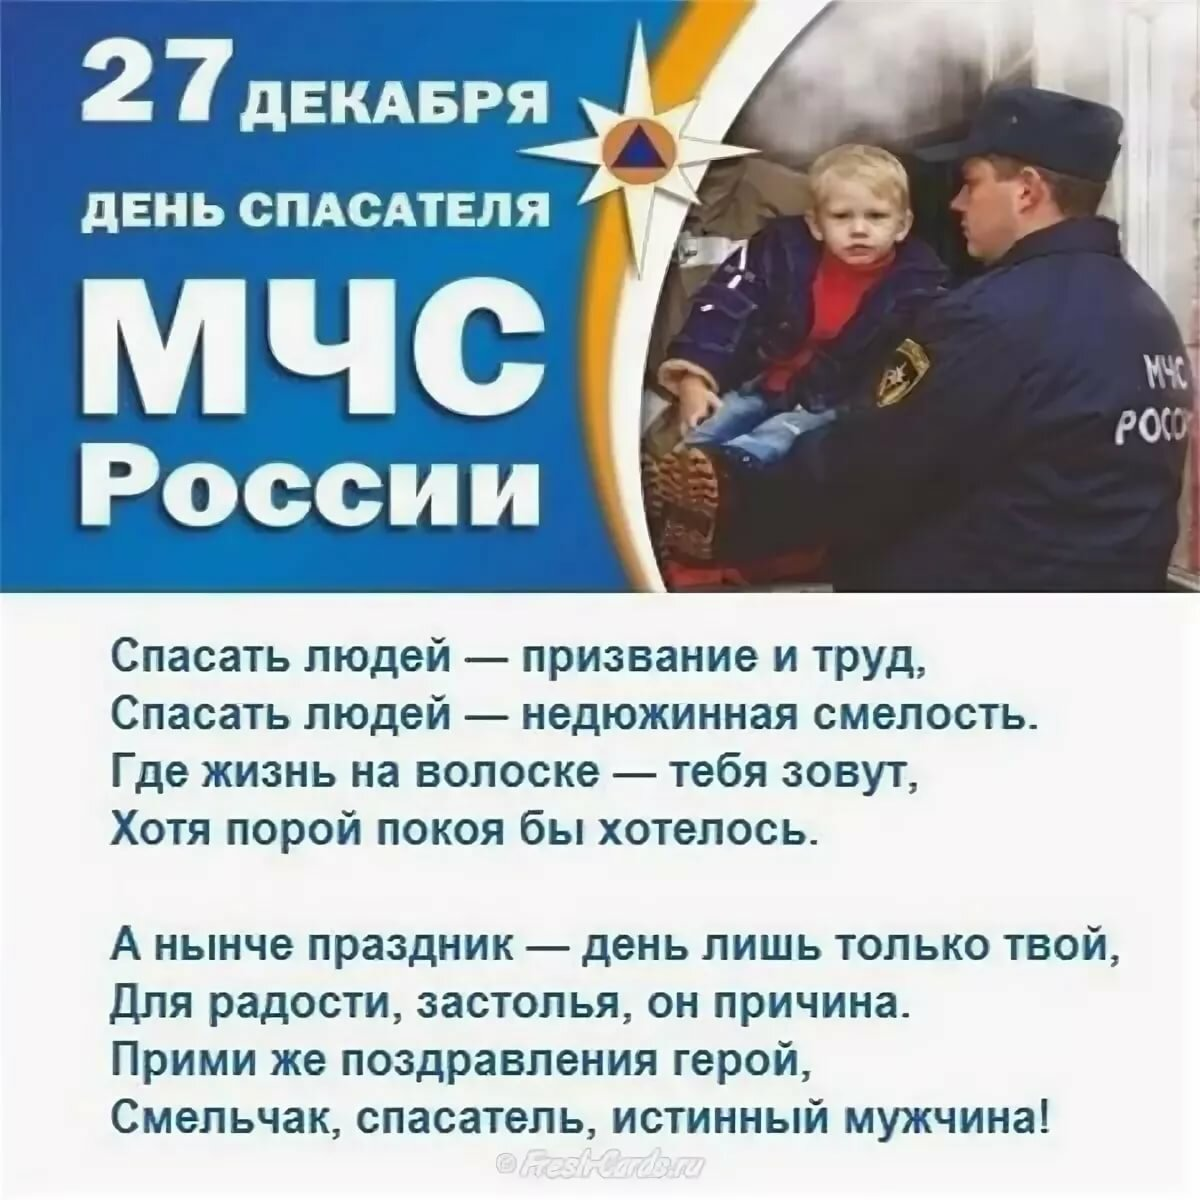 Поздравления с днем спасателя мчс россии своими словами